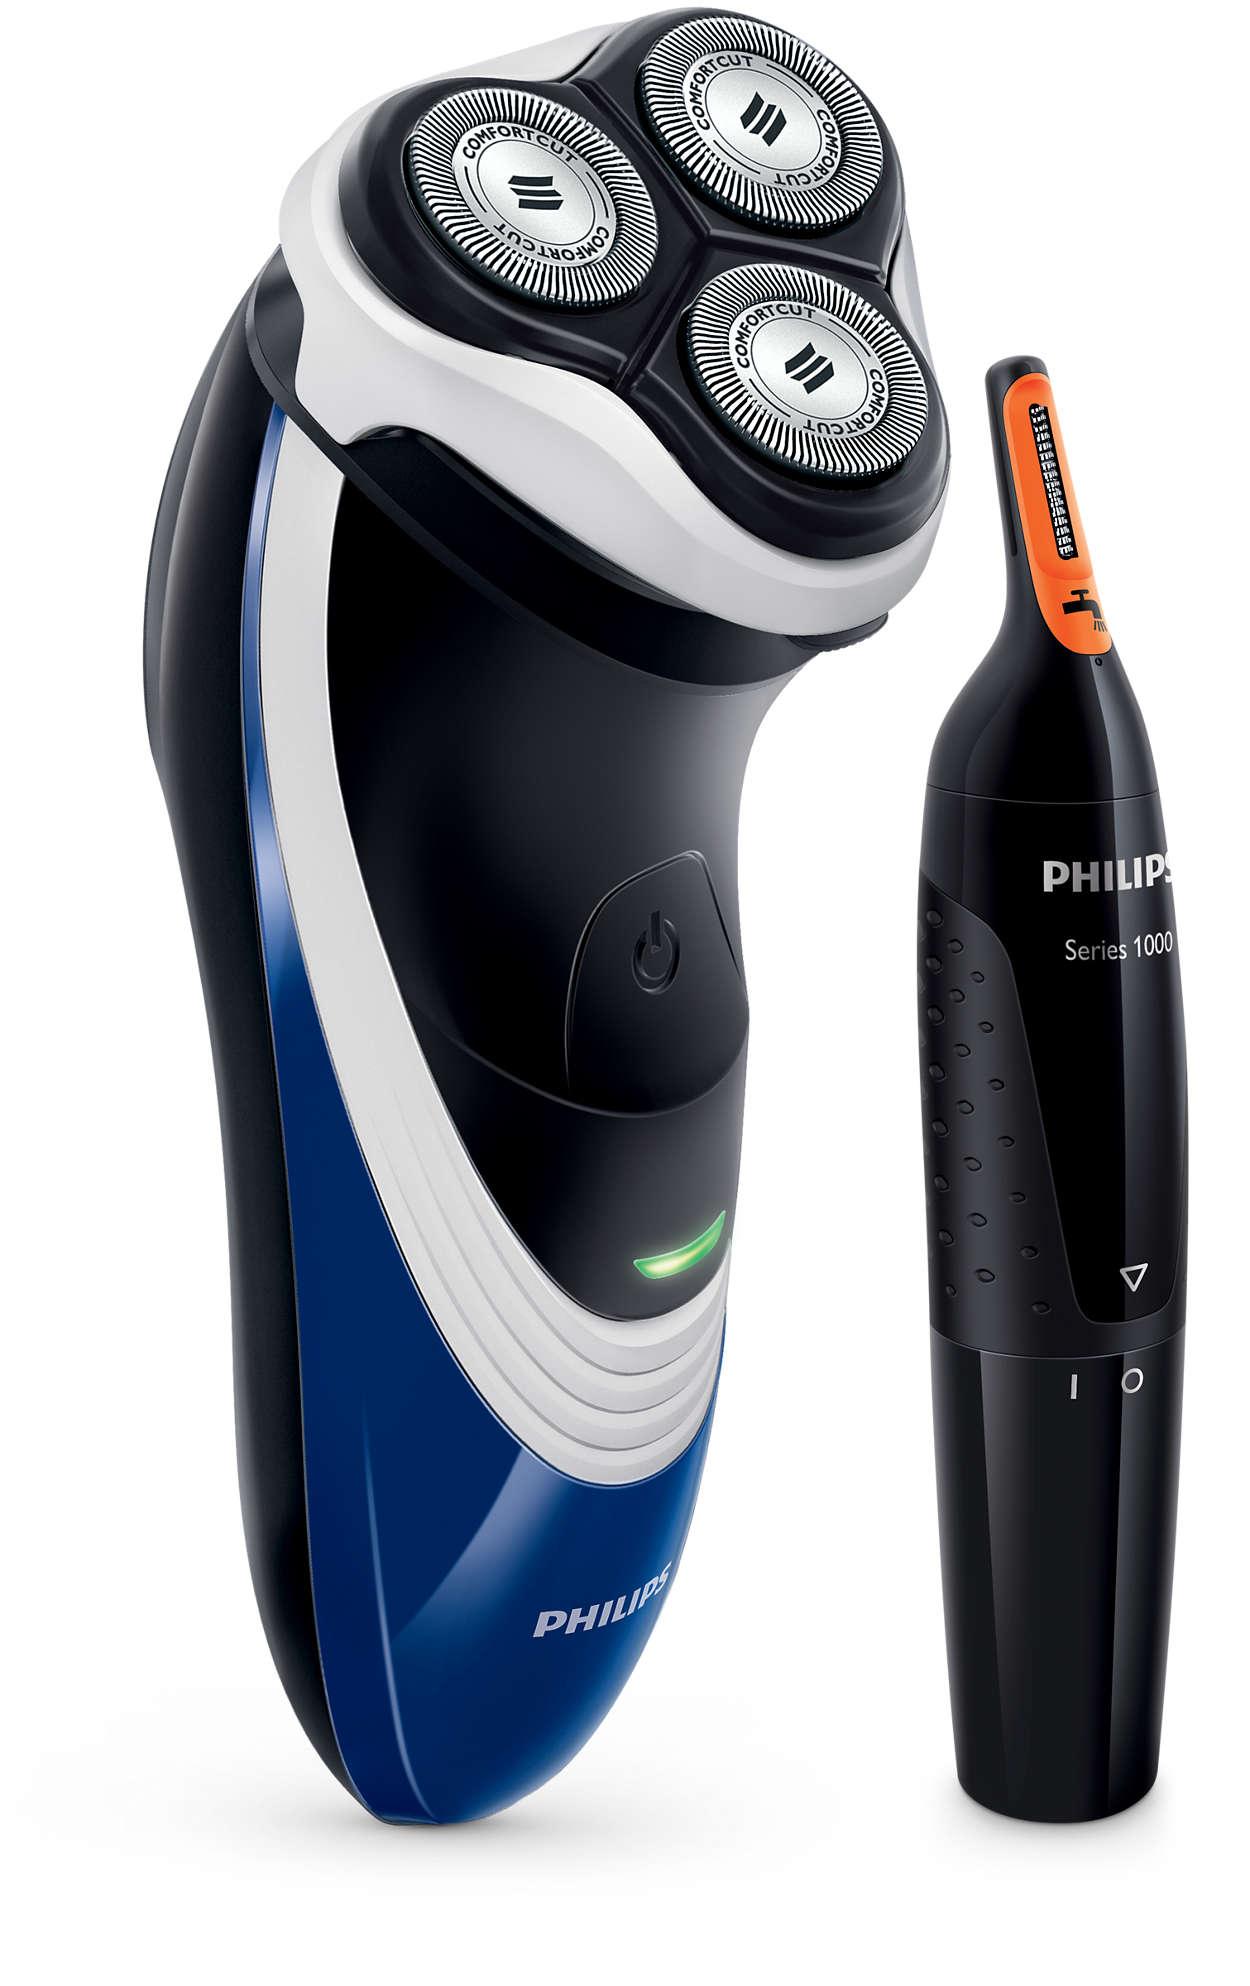 De kracht van 2 in 1: snel scheren en krachtig trimmen